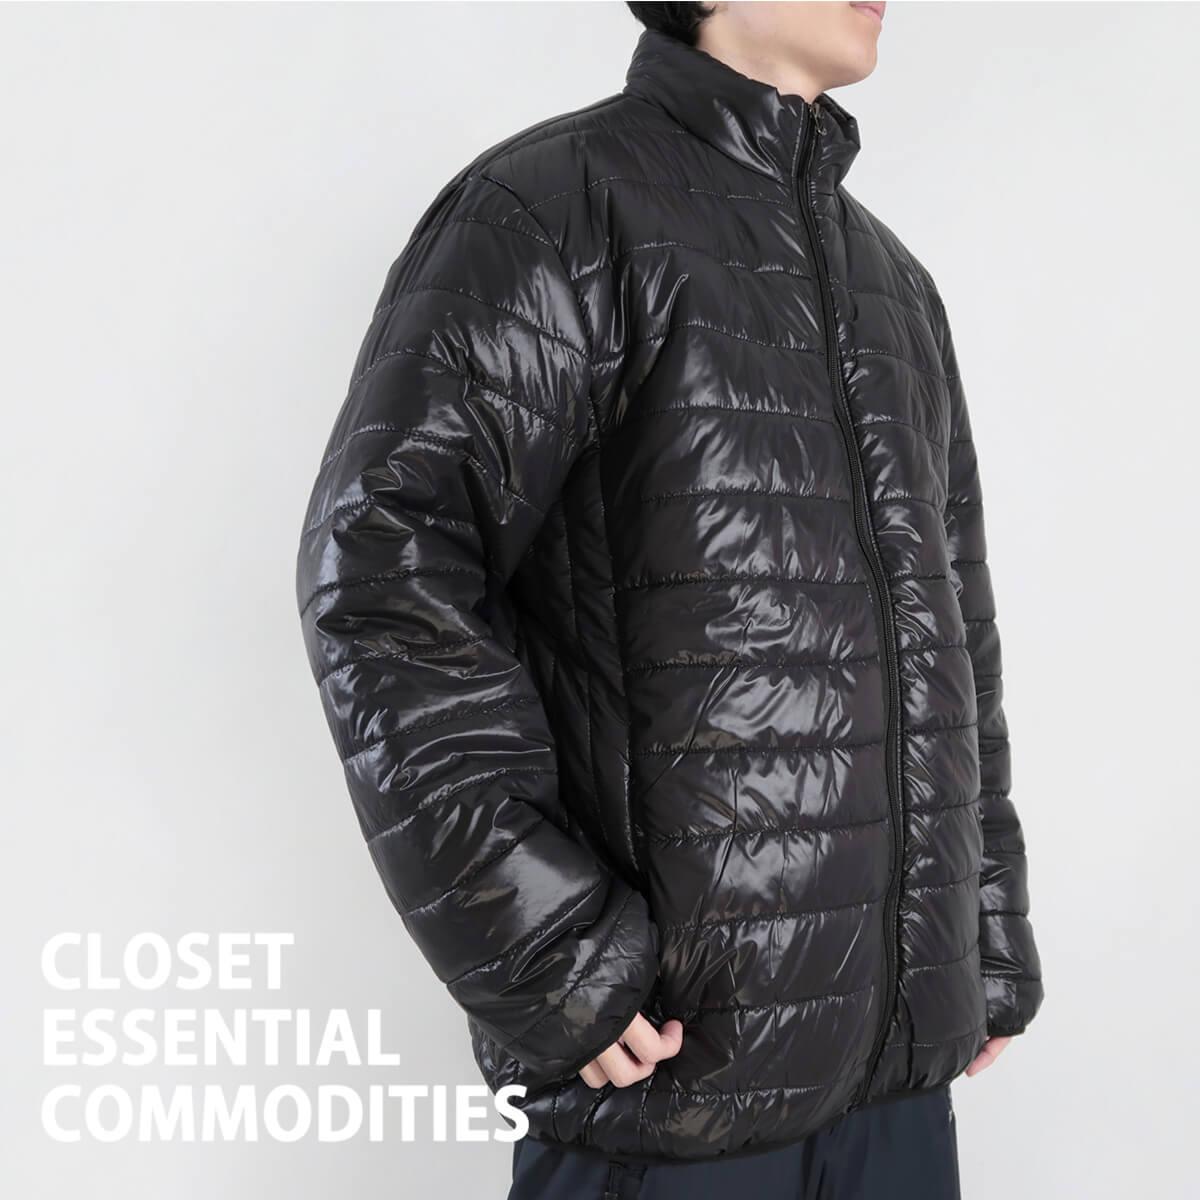 加大尺碼舖棉保暖外套 超輕量夾克外套 騎士外套 擋風外套 立領休閒外套 鋪棉外套 藍色外套 黑色外套 WARM PADDED JACKET (321-A831-08)深藍色、(321-A831-21)黑色、(321-A831-22)灰色 6L 7L 8L (胸圍58~62英吋) [實體店面保障] sun-e 5